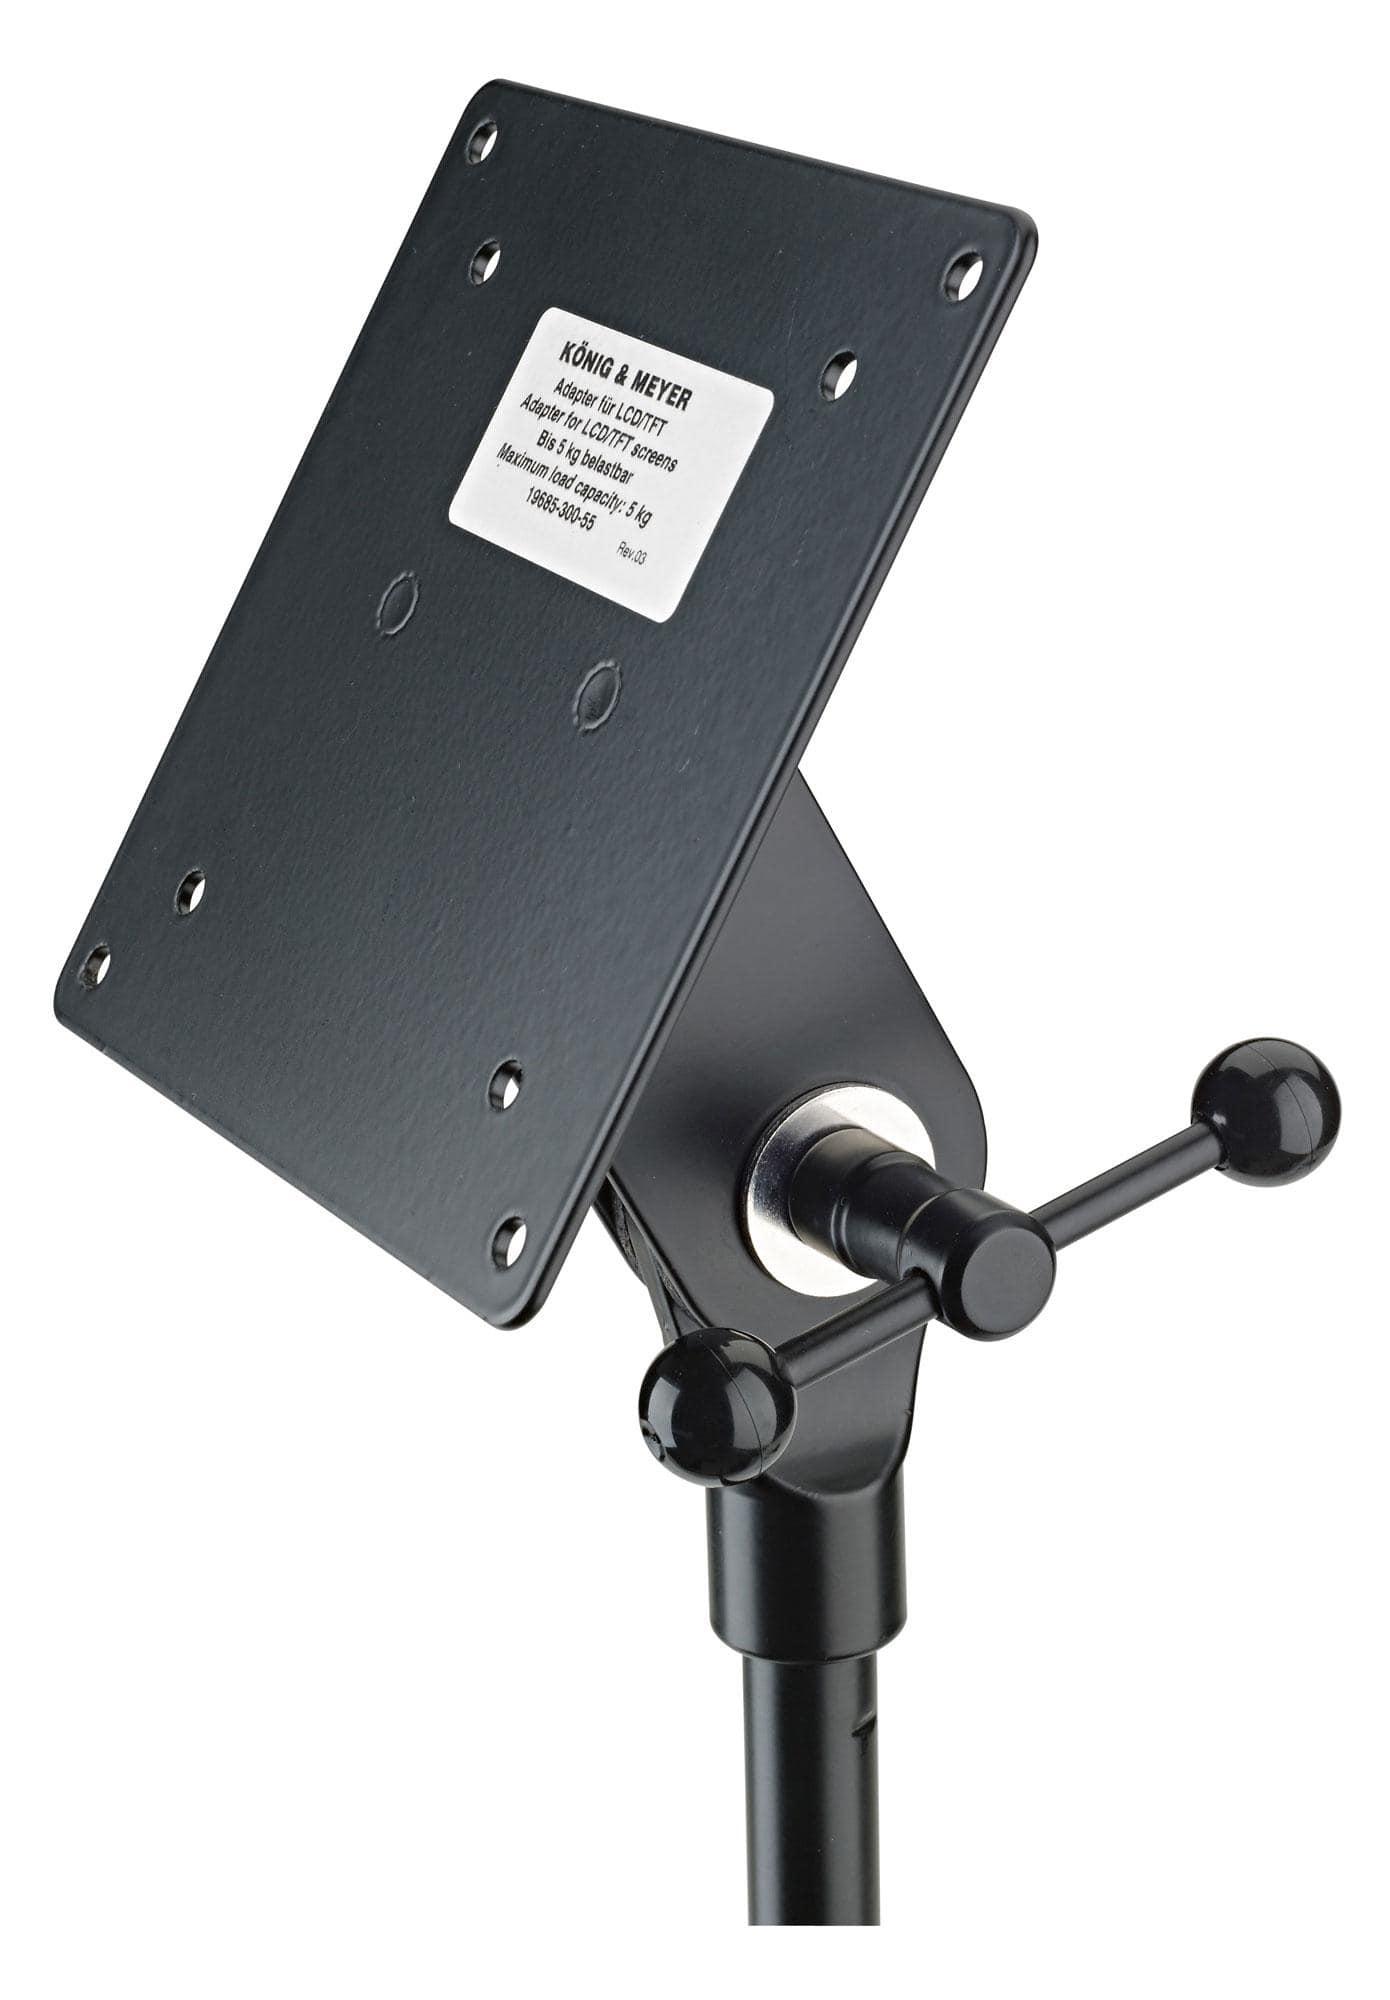 Studiozubehoer - K M 19685 Adapter für Bildschirme Schwarz - Onlineshop Musikhaus Kirstein